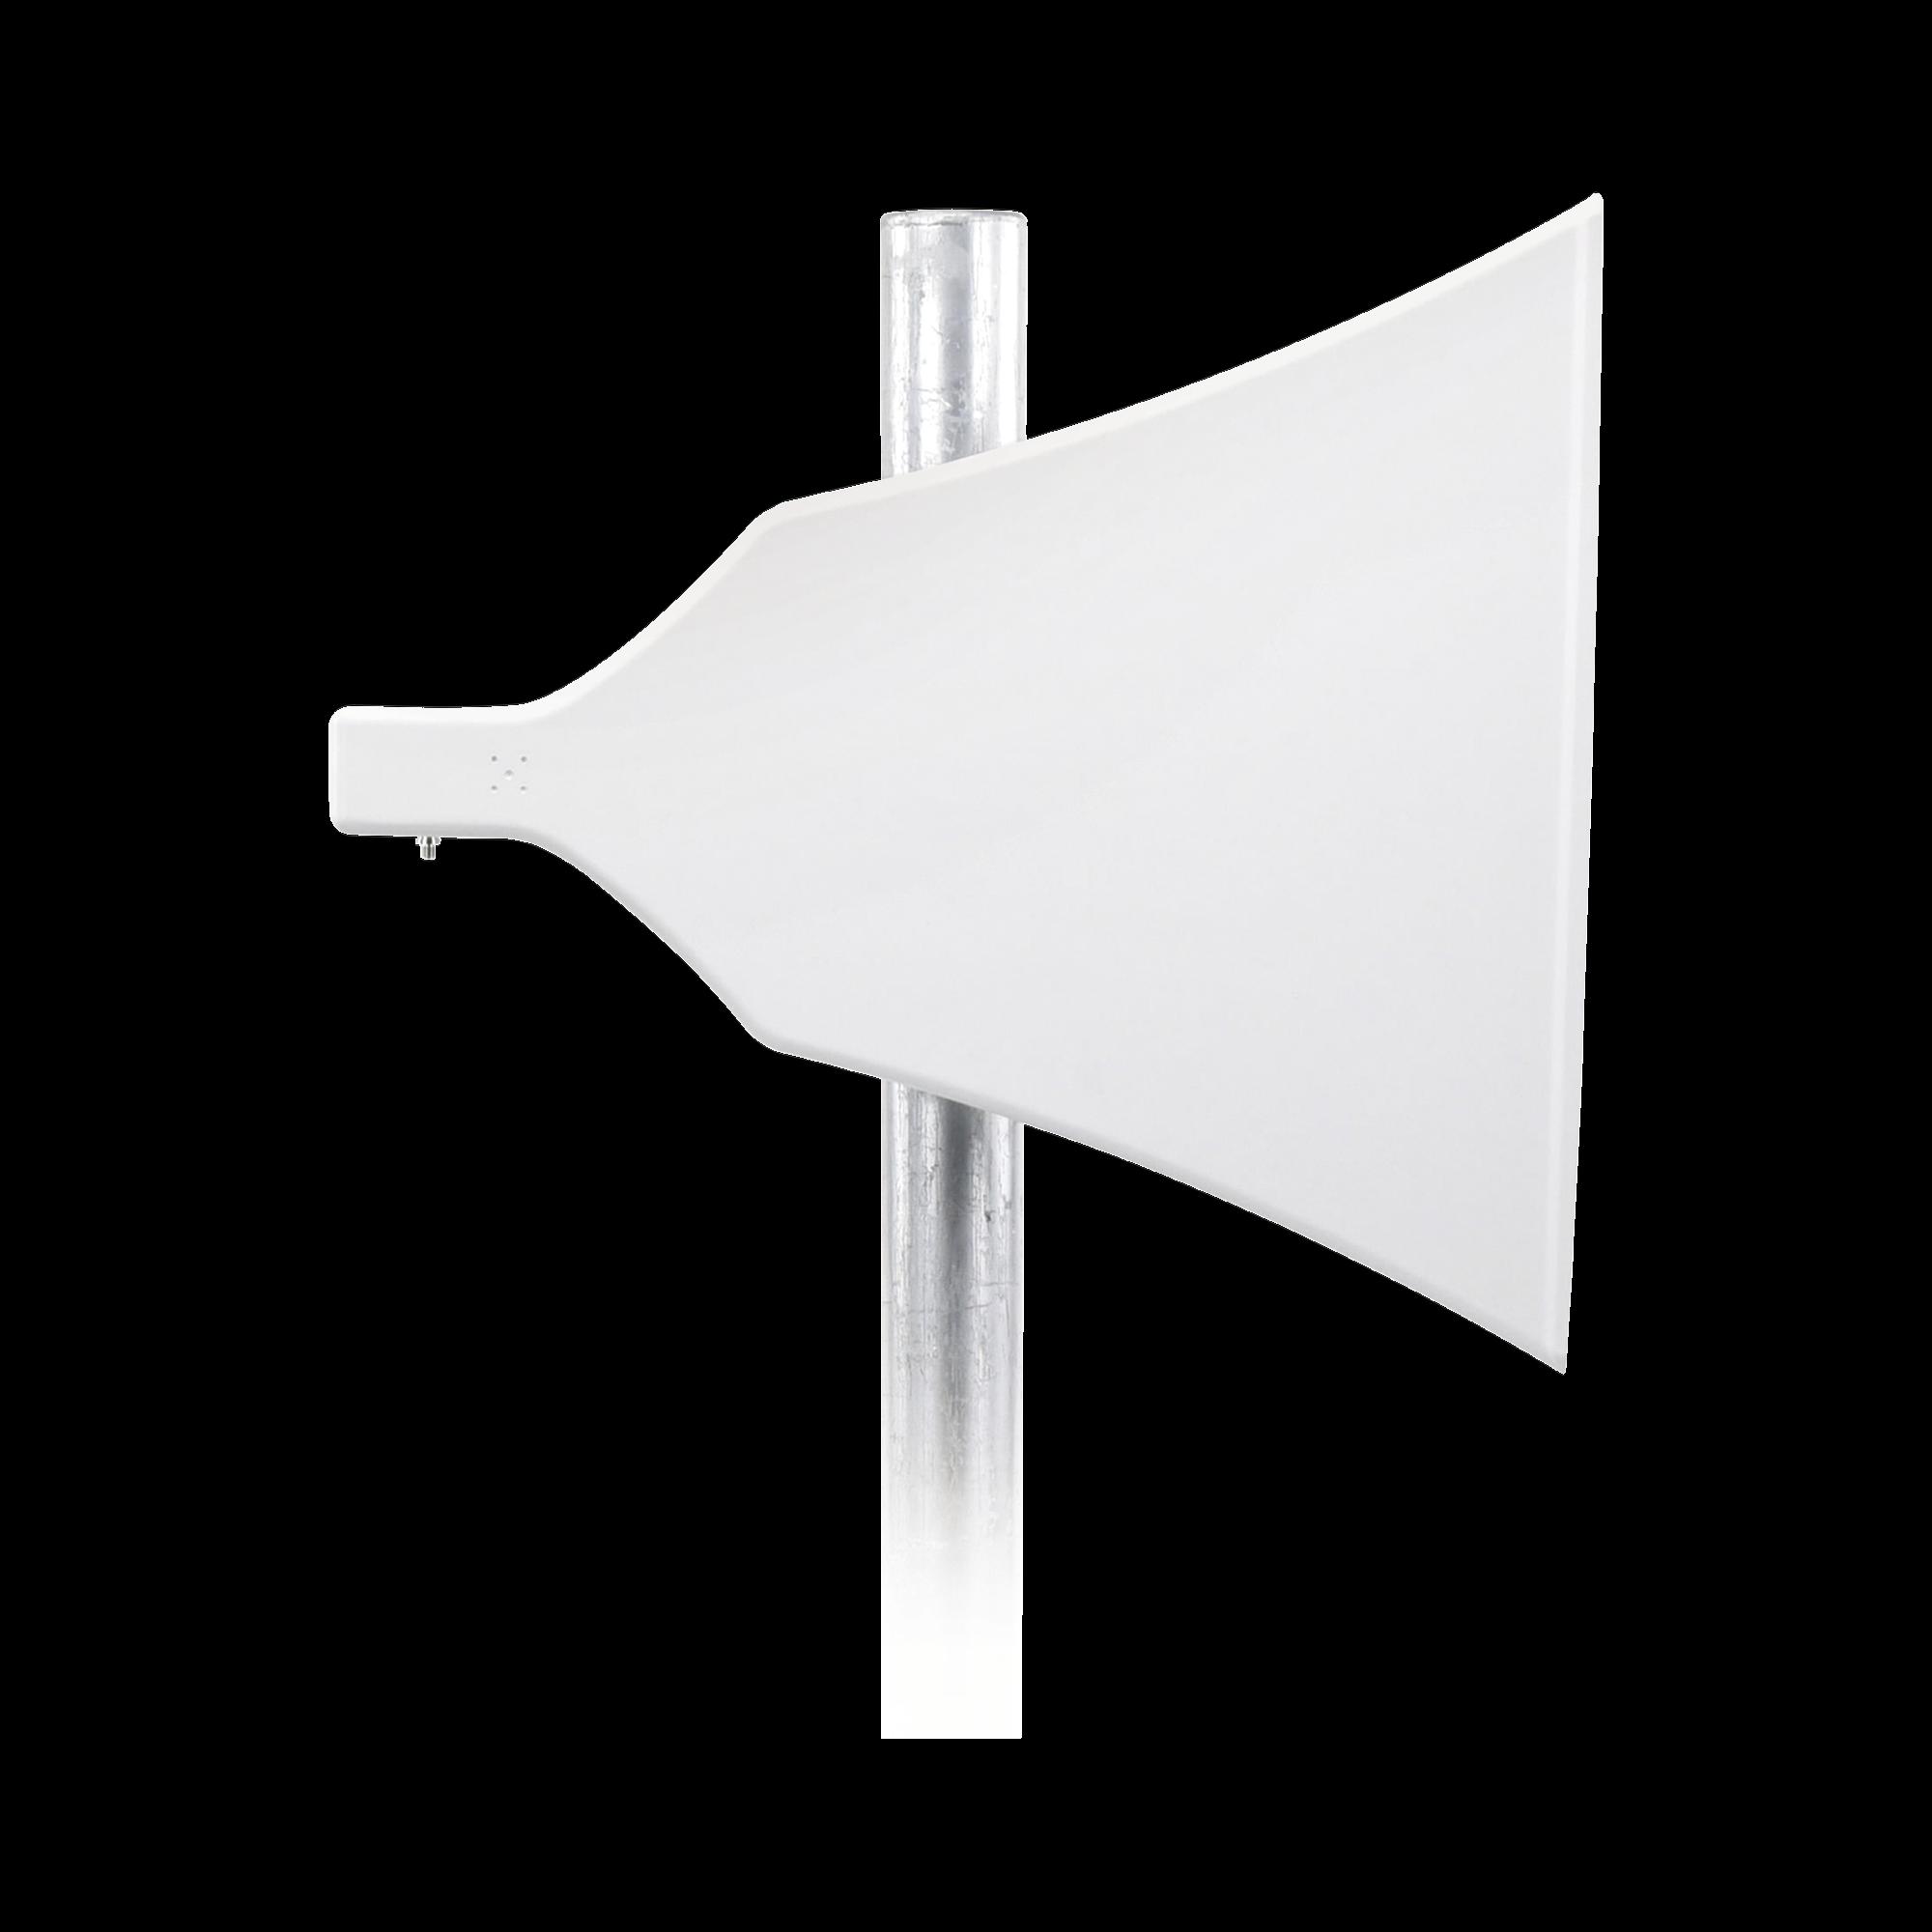 Antena Asimétrica de 90 ?, 16 dBi, tipo cuerno de alta eficiencia, 4.9-6.5 GHz, , Conector N-Hembra, con montaje incluido